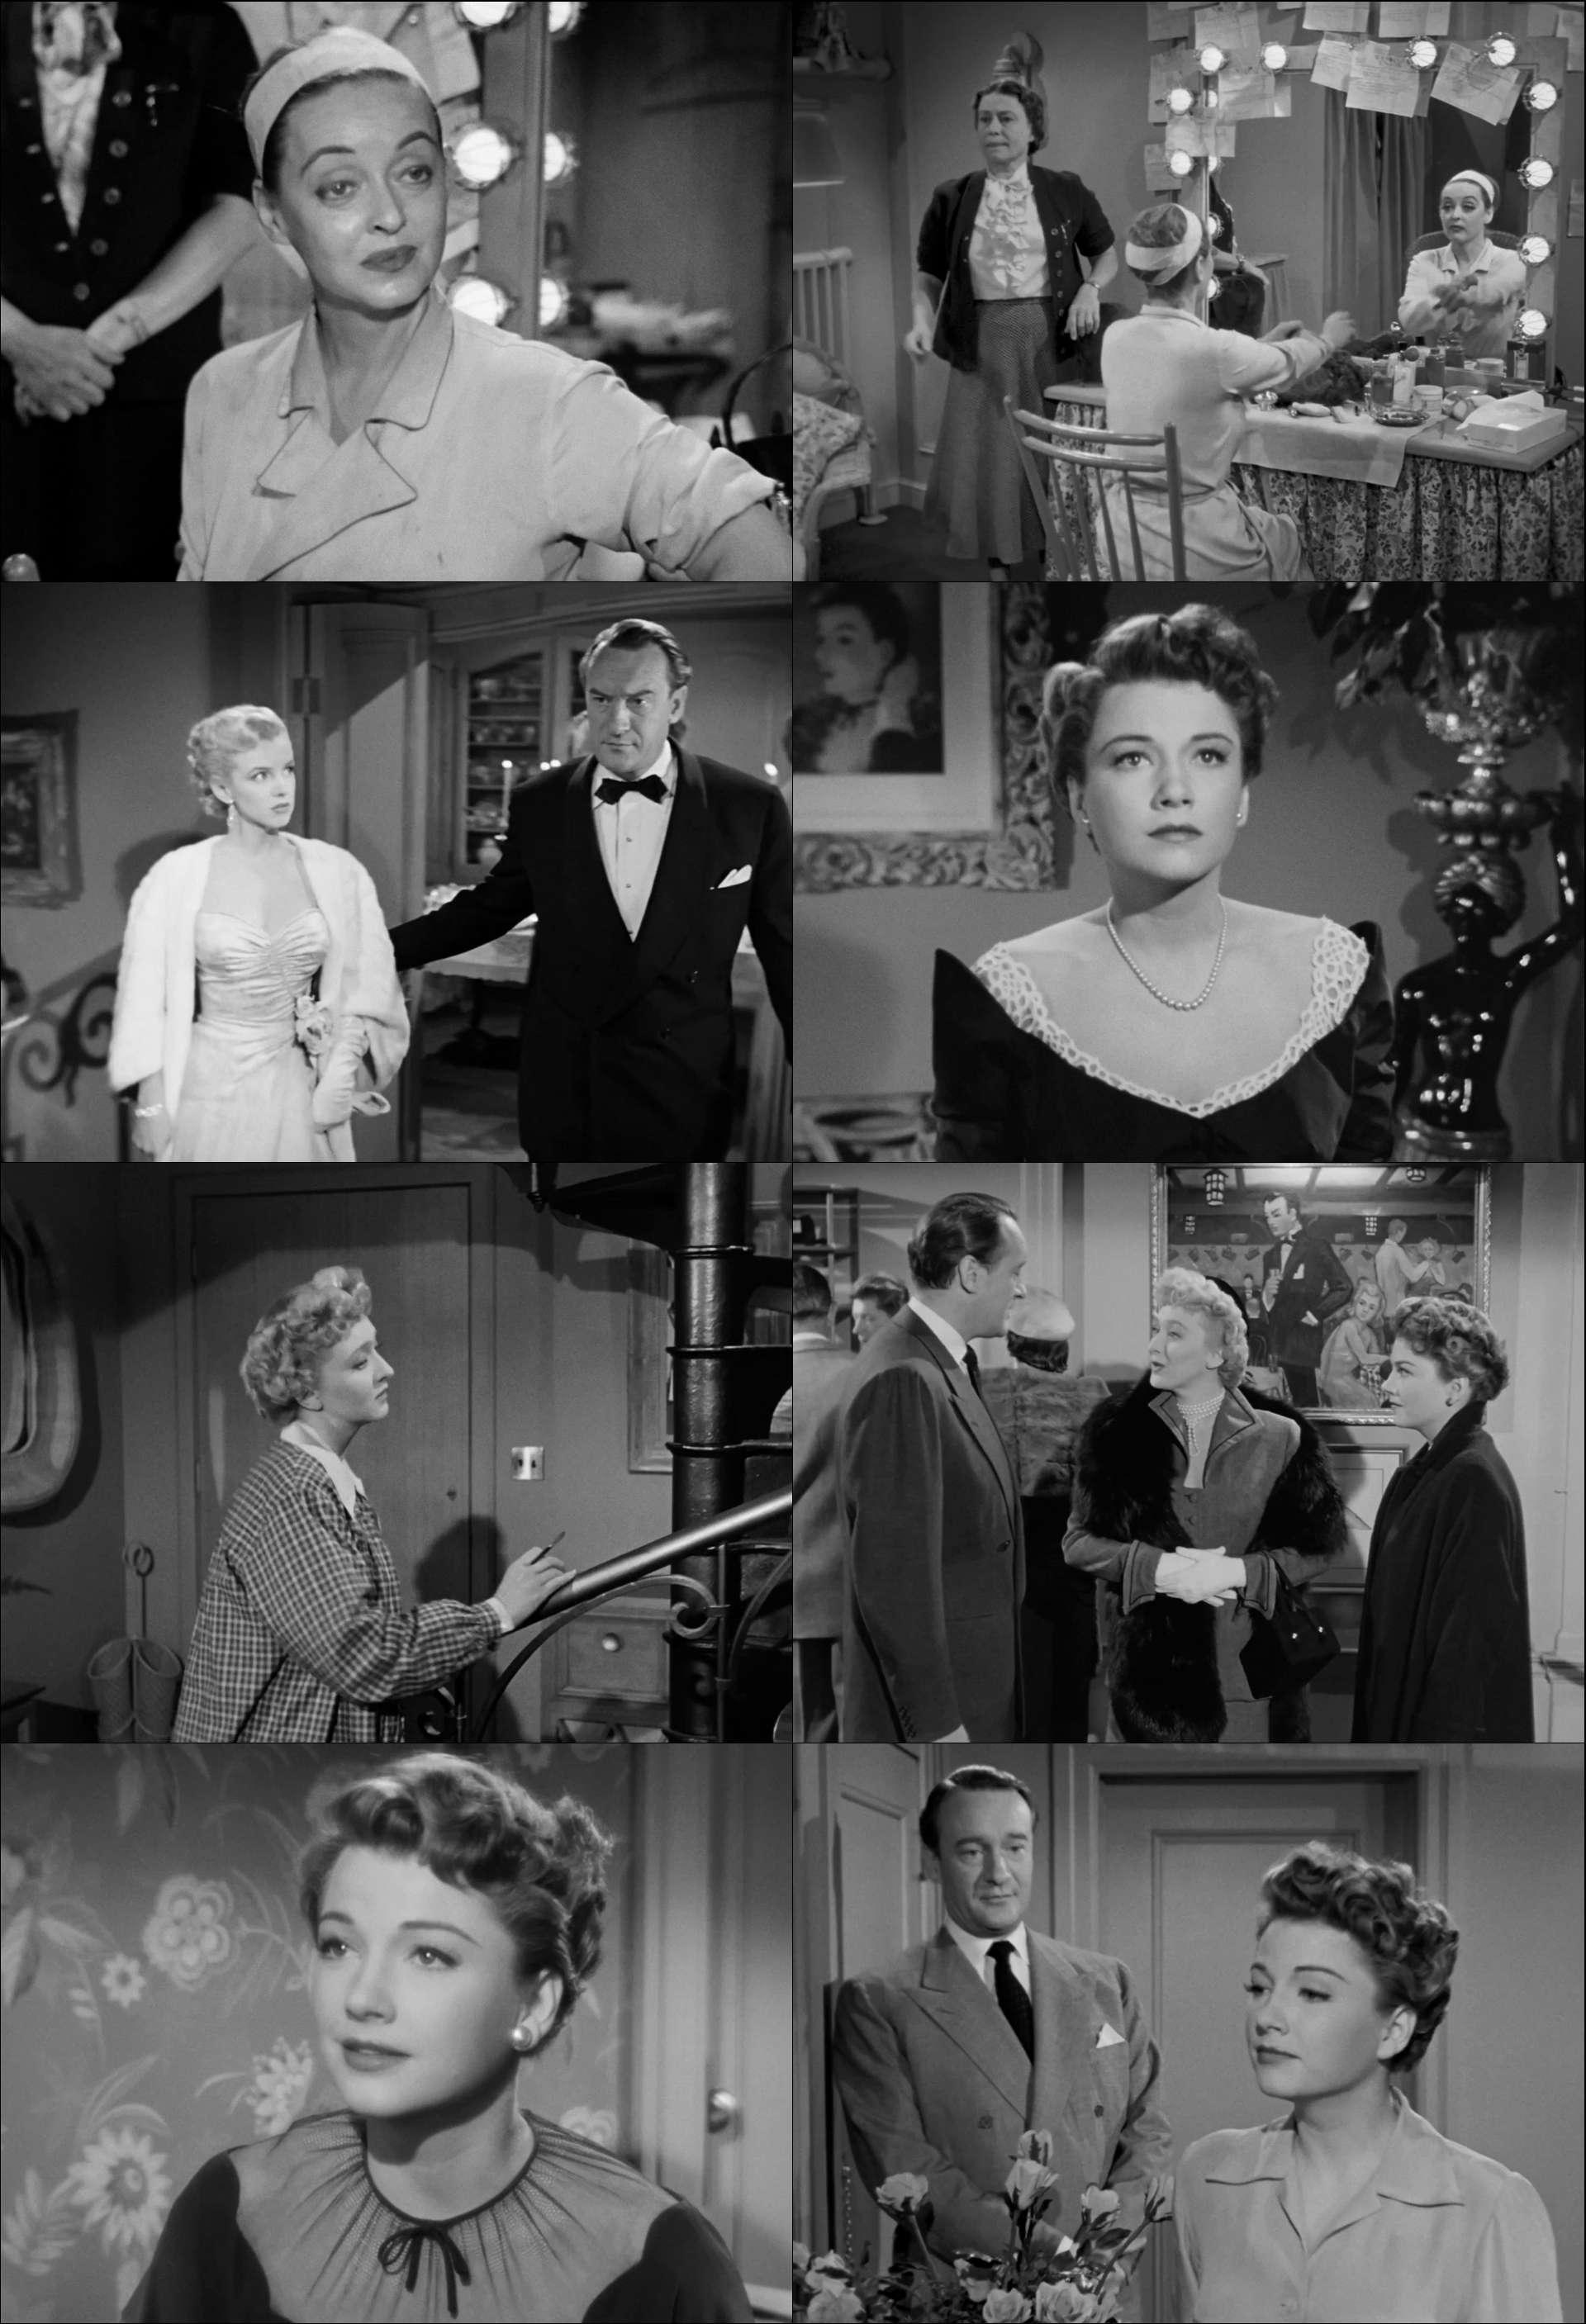 Perde Açılıyor - All About Eve (1950) türkçe dublaj nostaljik film indir